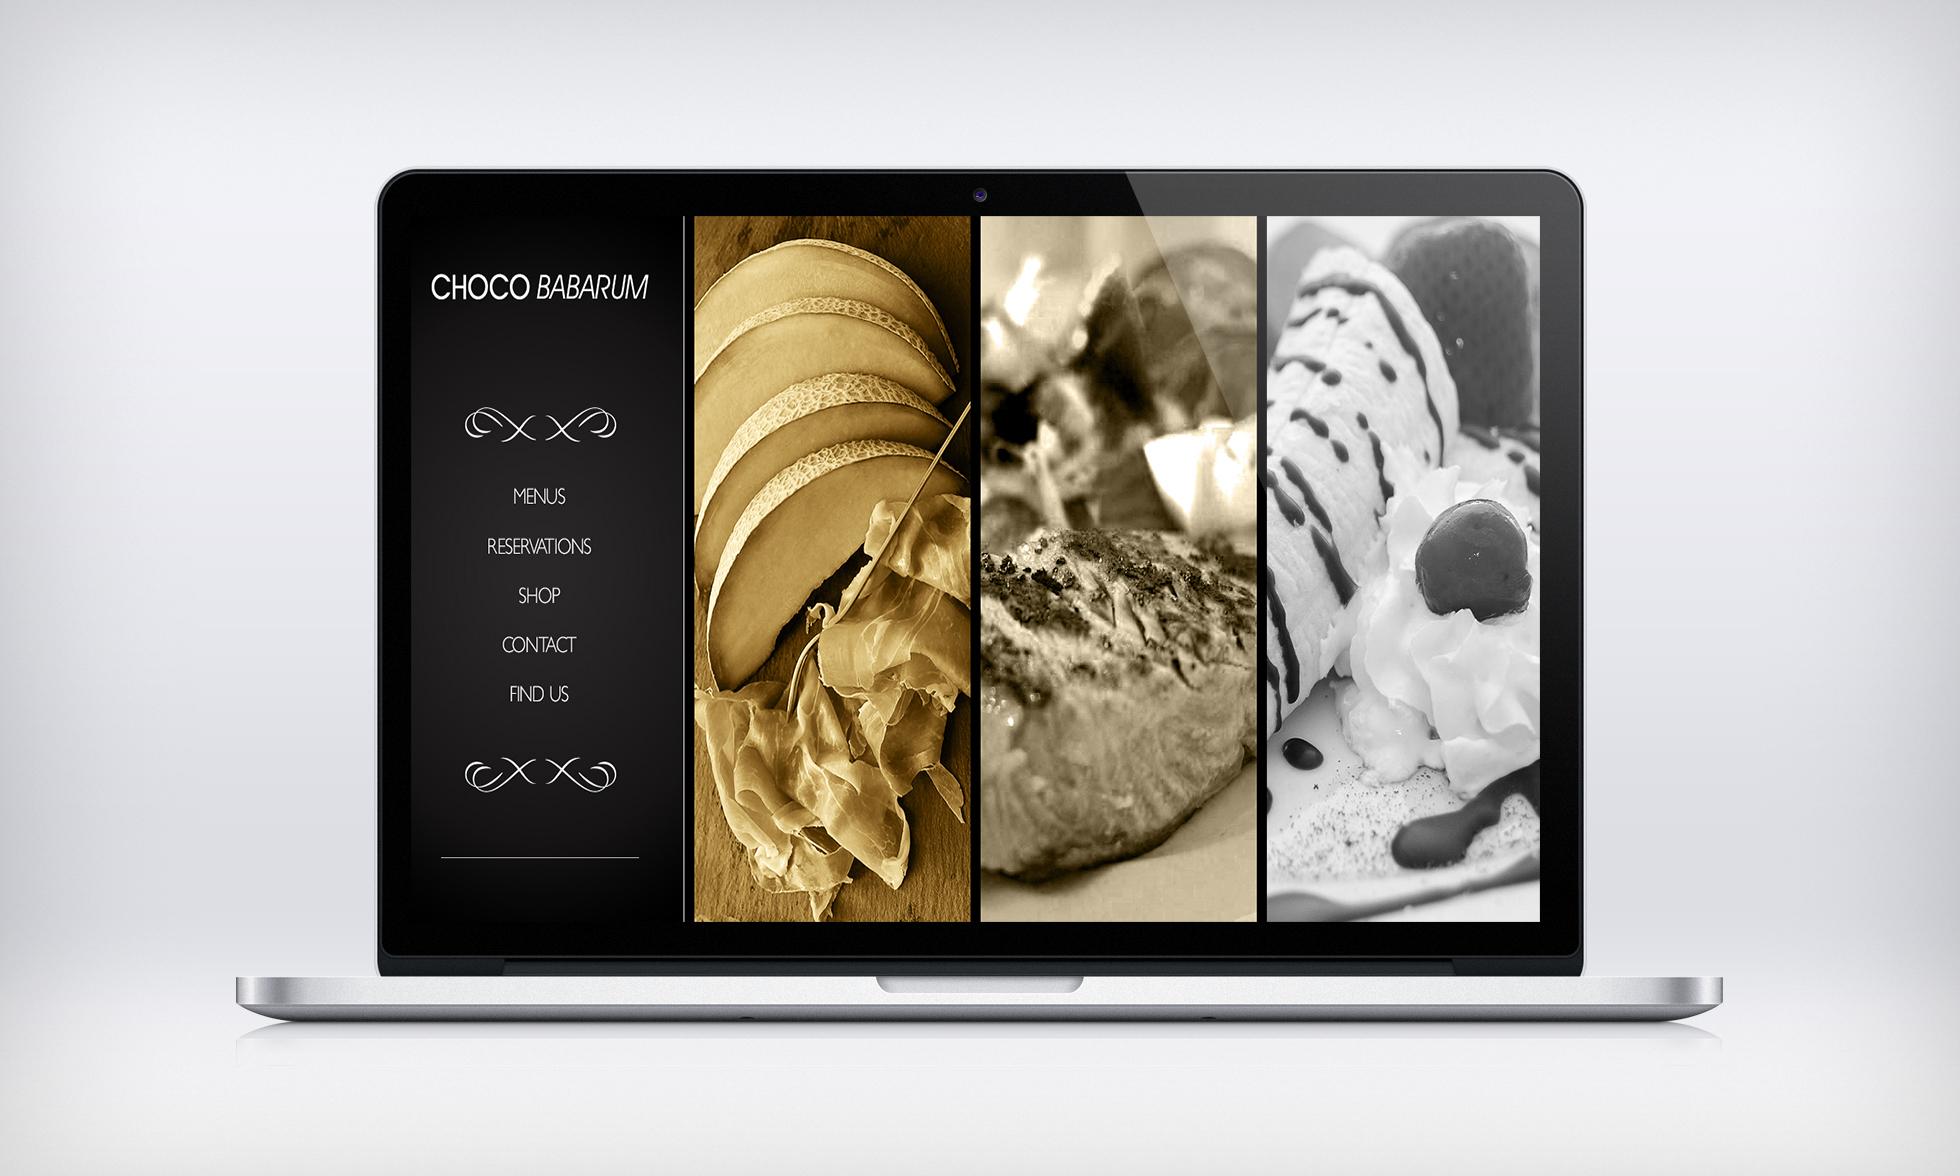 Landing page design for restaurant